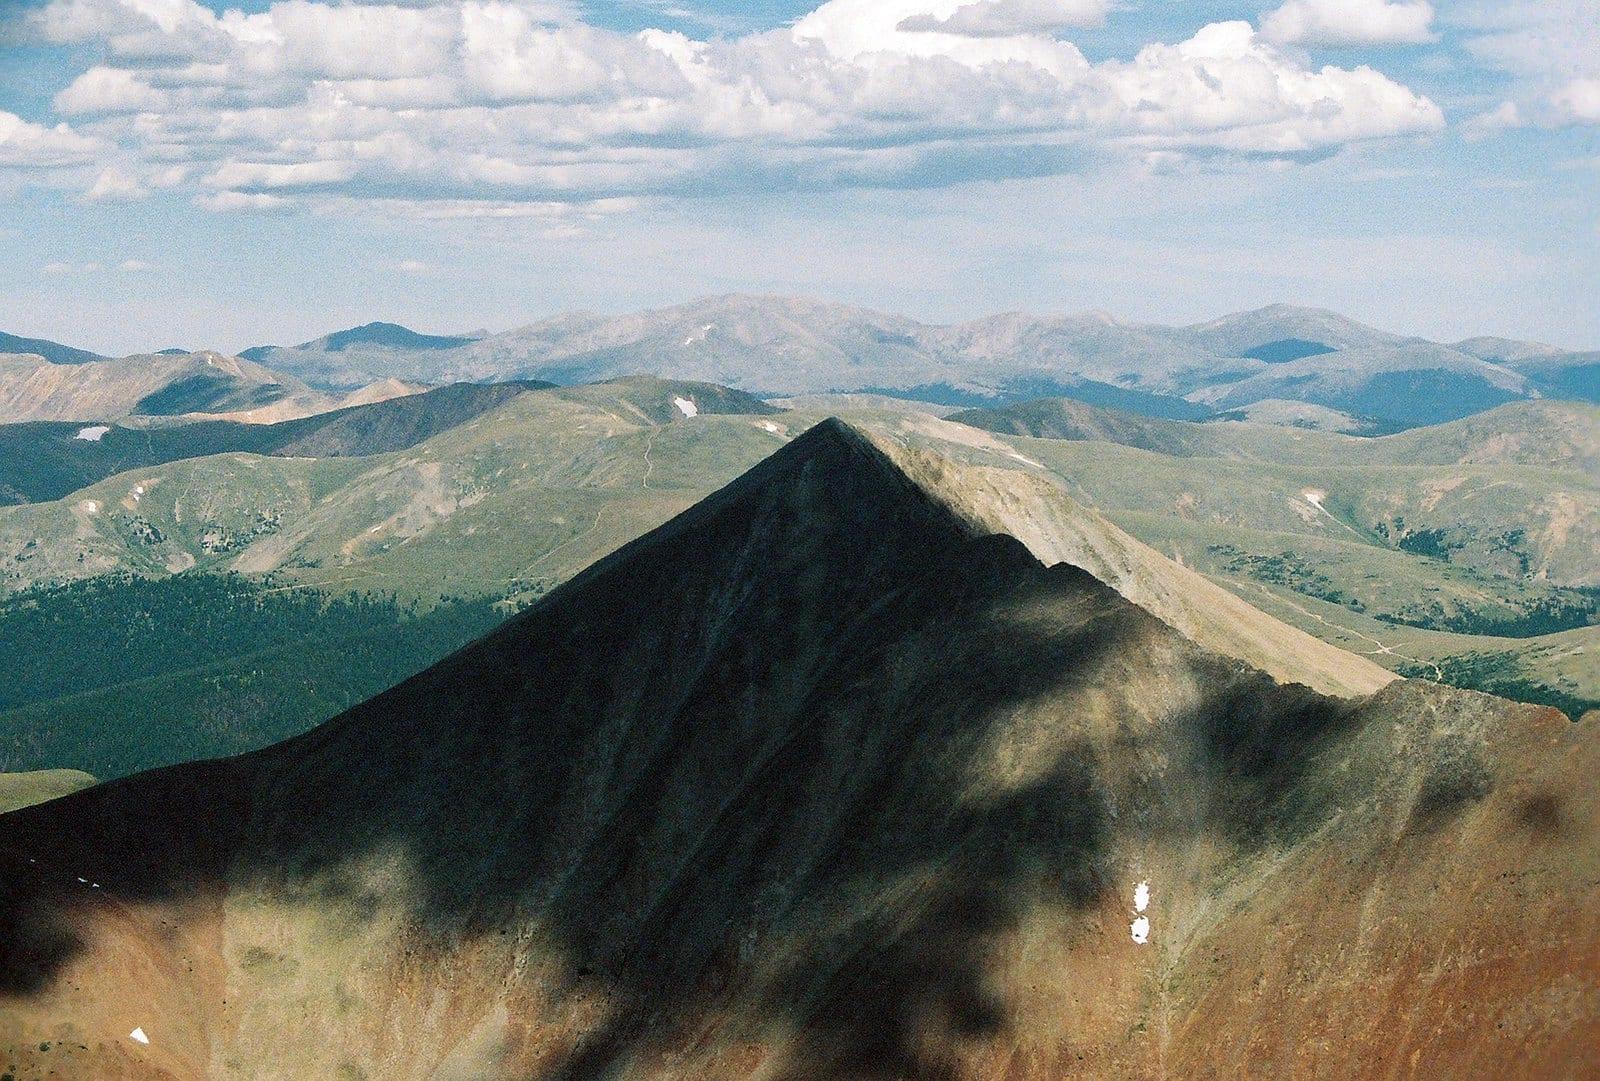 image of bald mountain